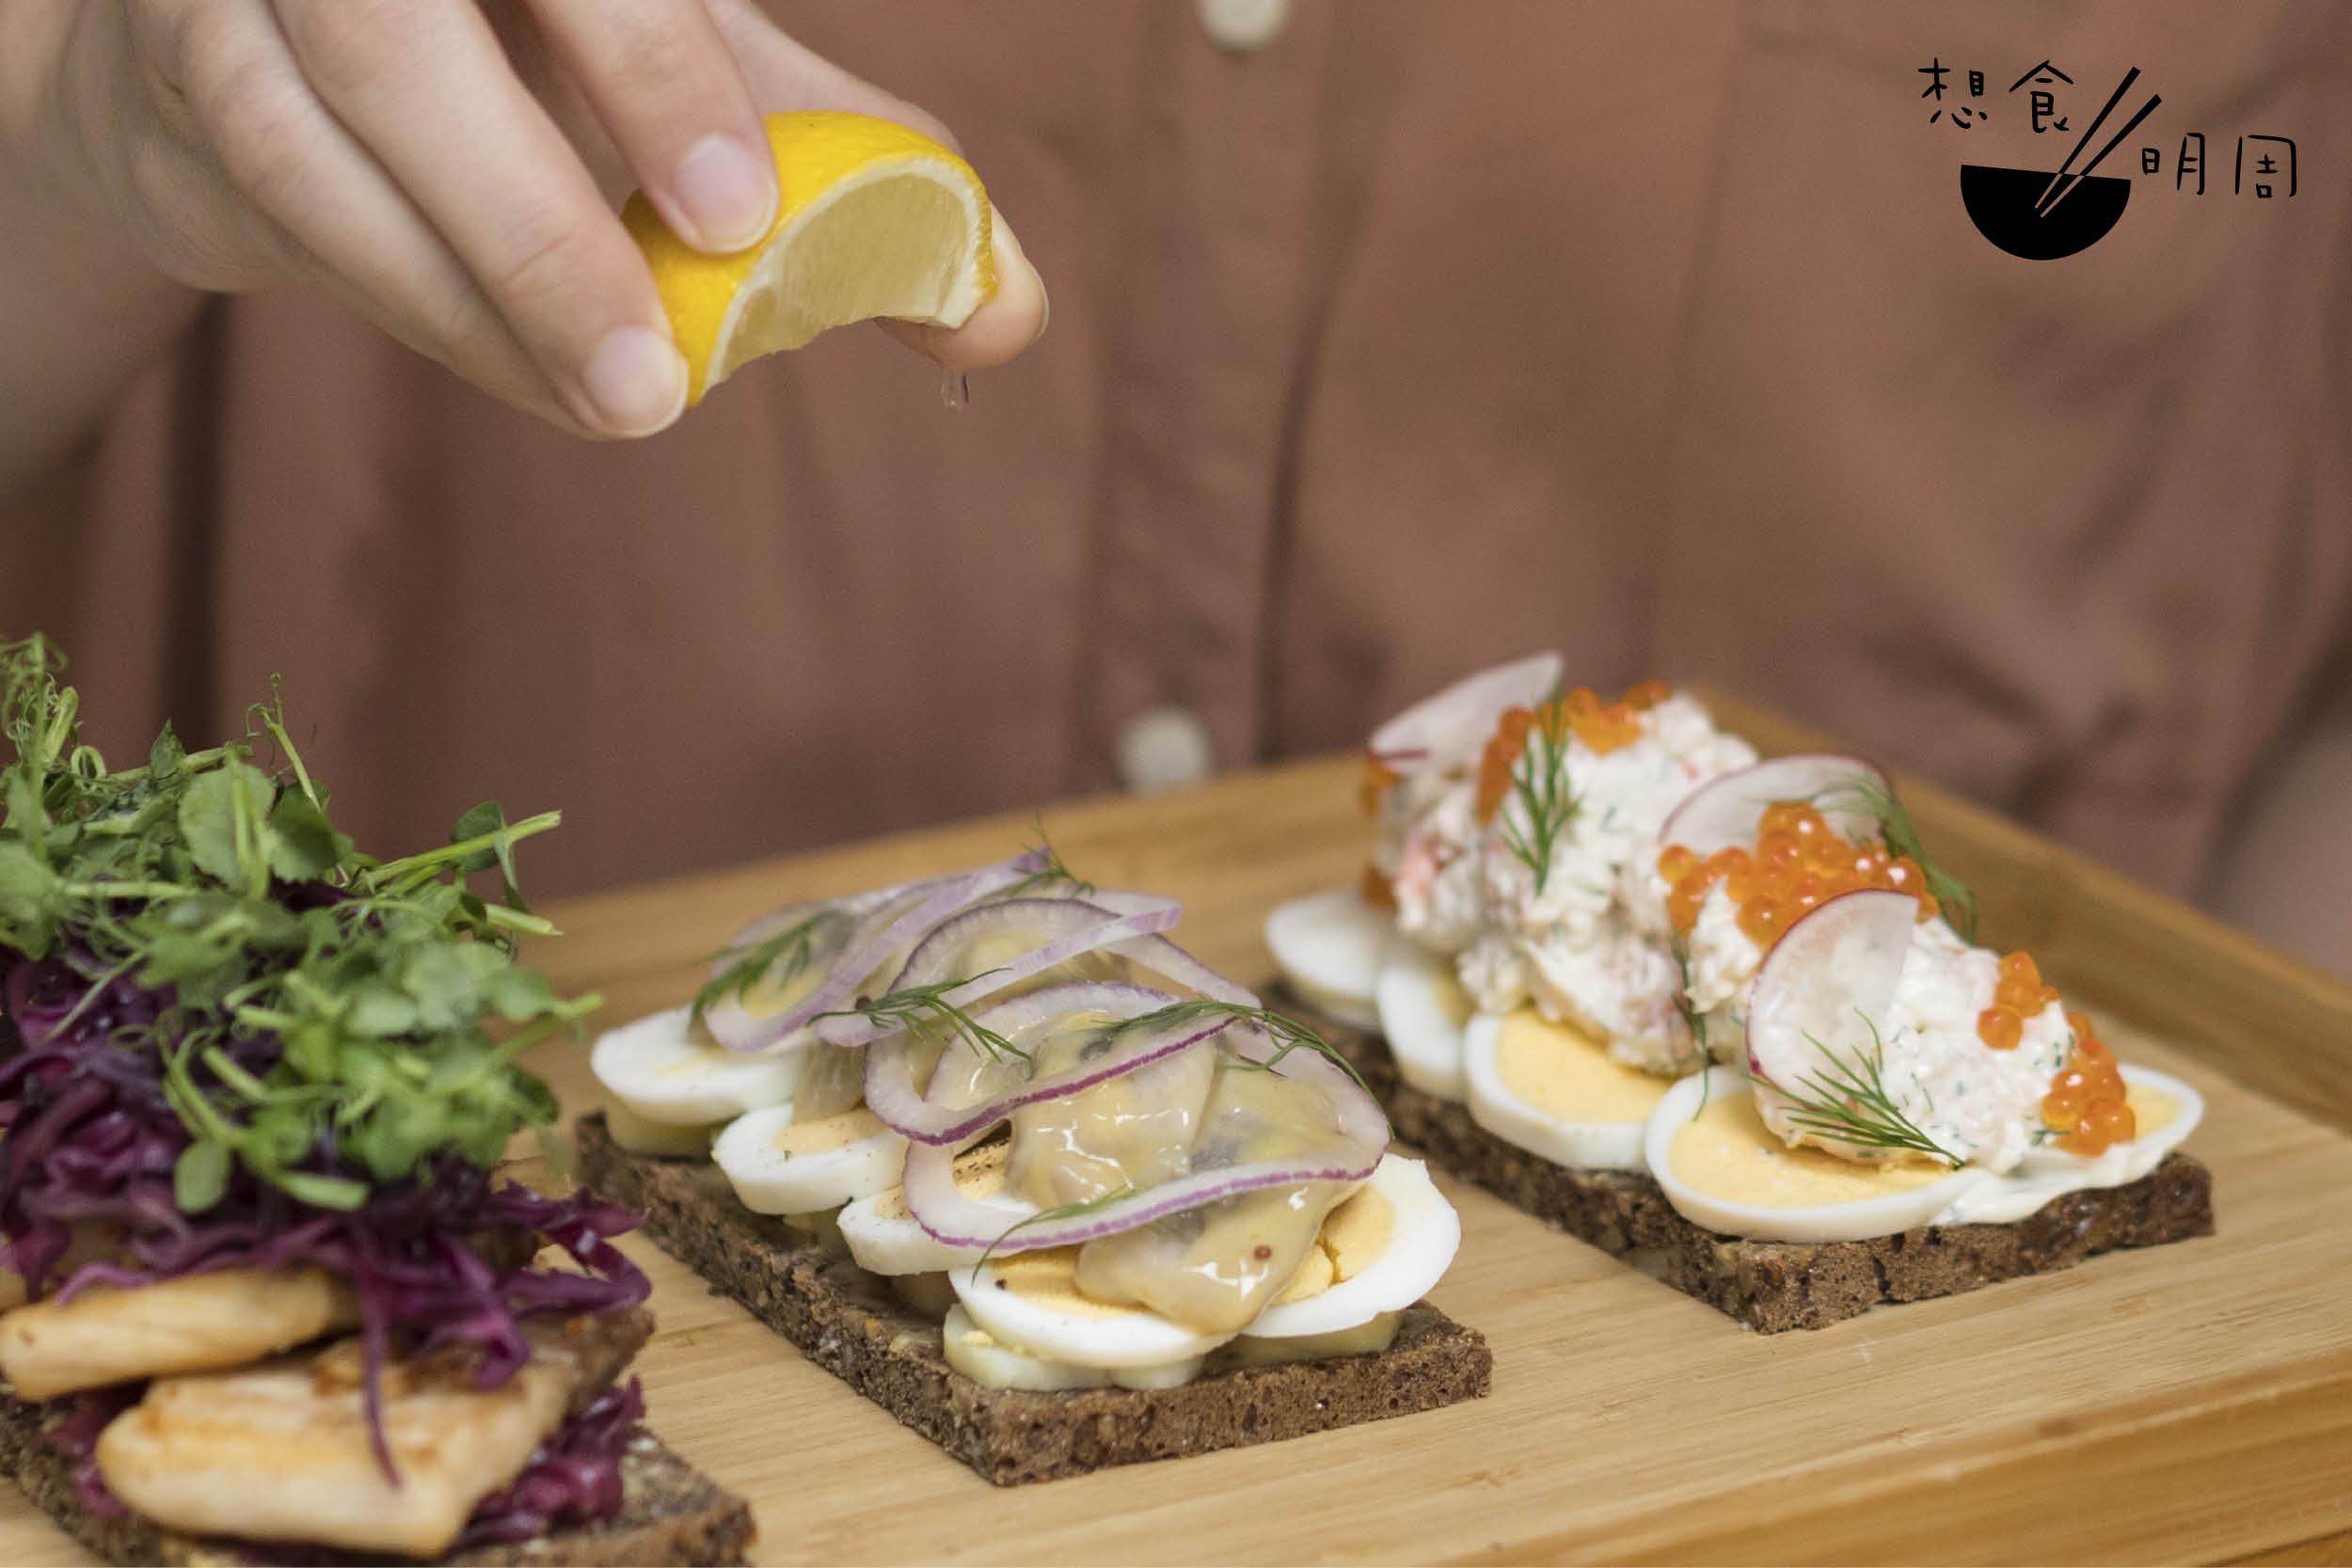 產自北大西洋的野生甜蝦,是挪威盛產之物,Elin形容味道:「甜鮮、濃郁。」 右一:Arctic Prawns Smorrebrod($128)